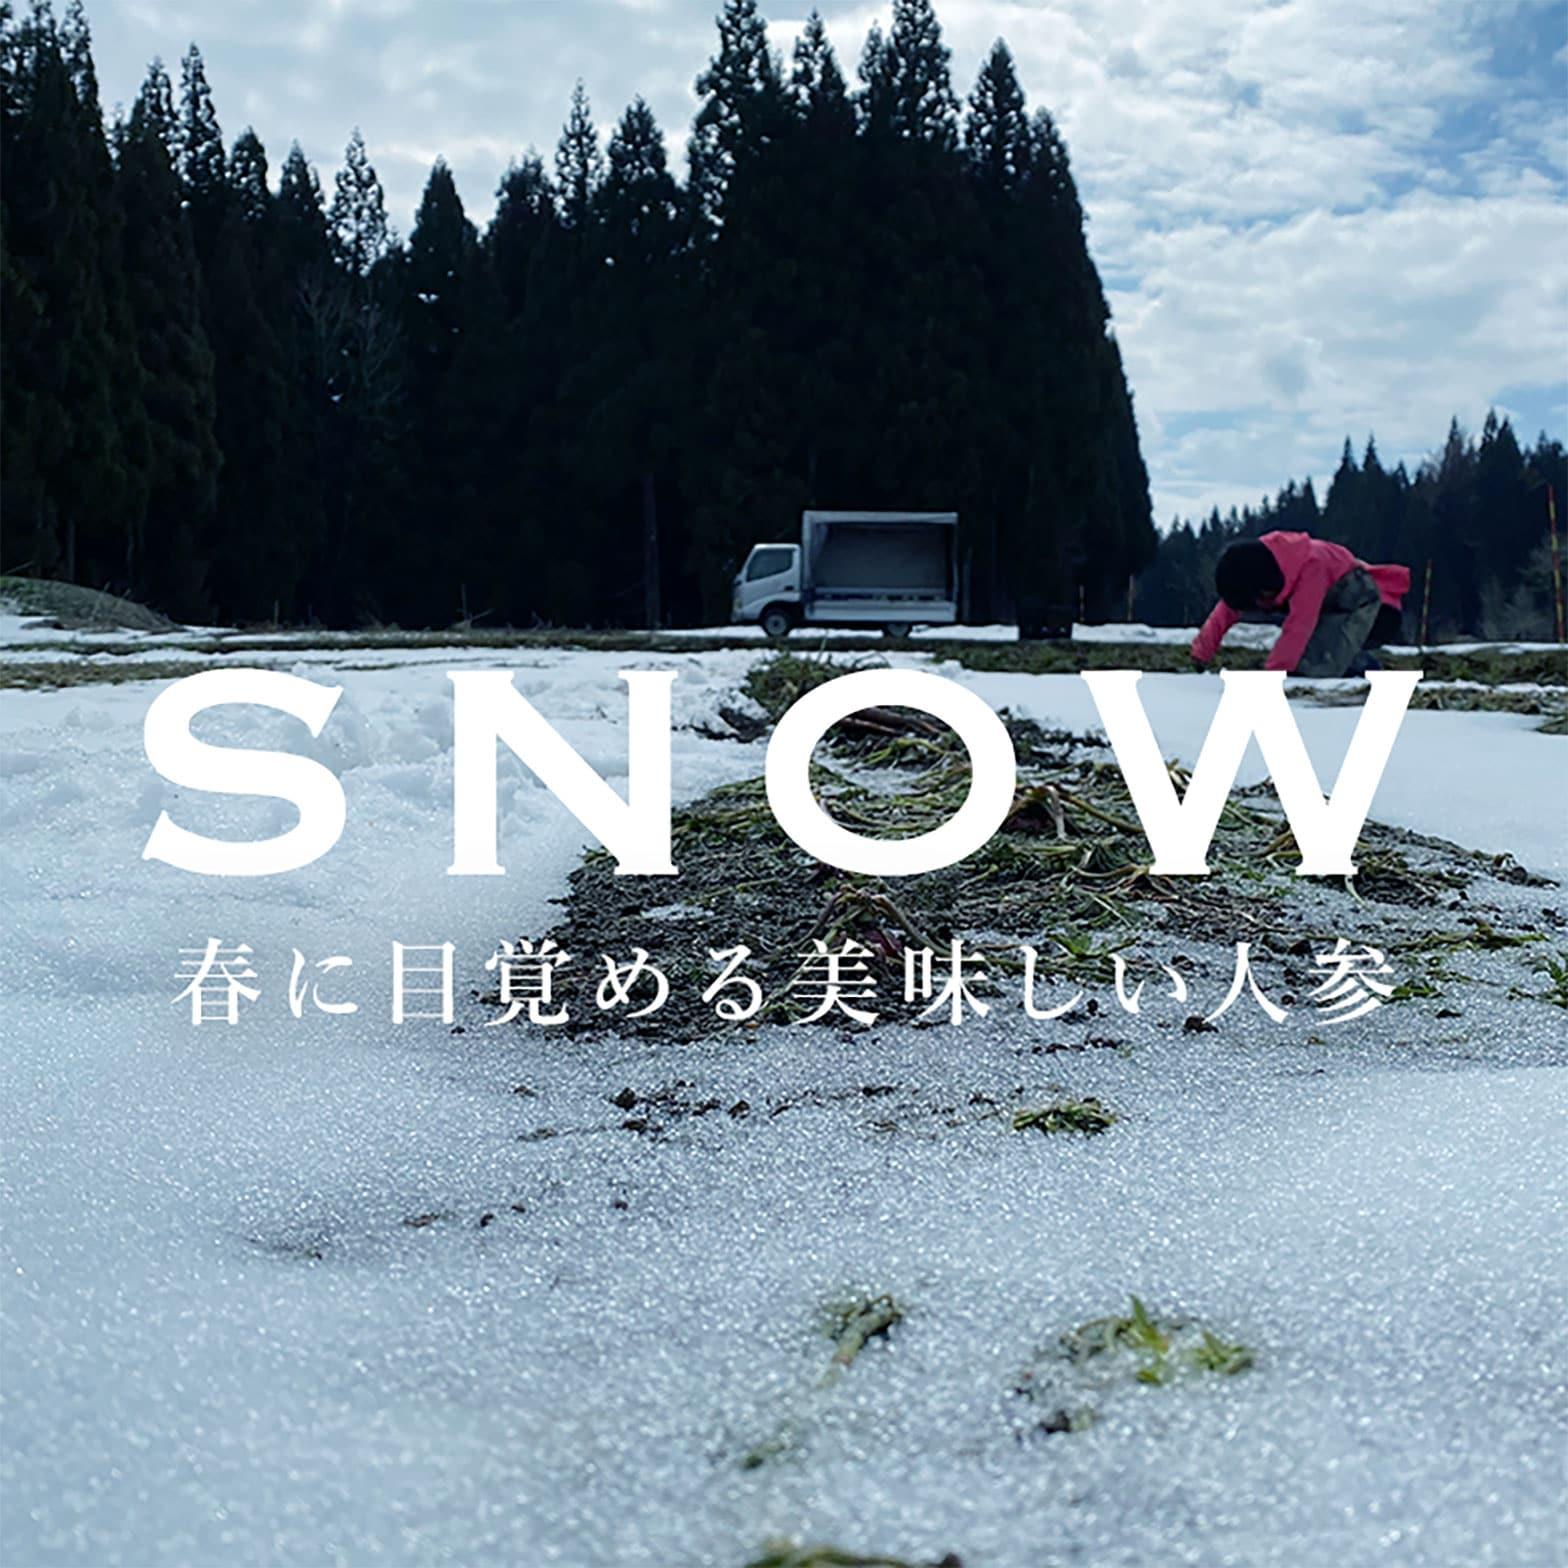 雪下にんじんとは